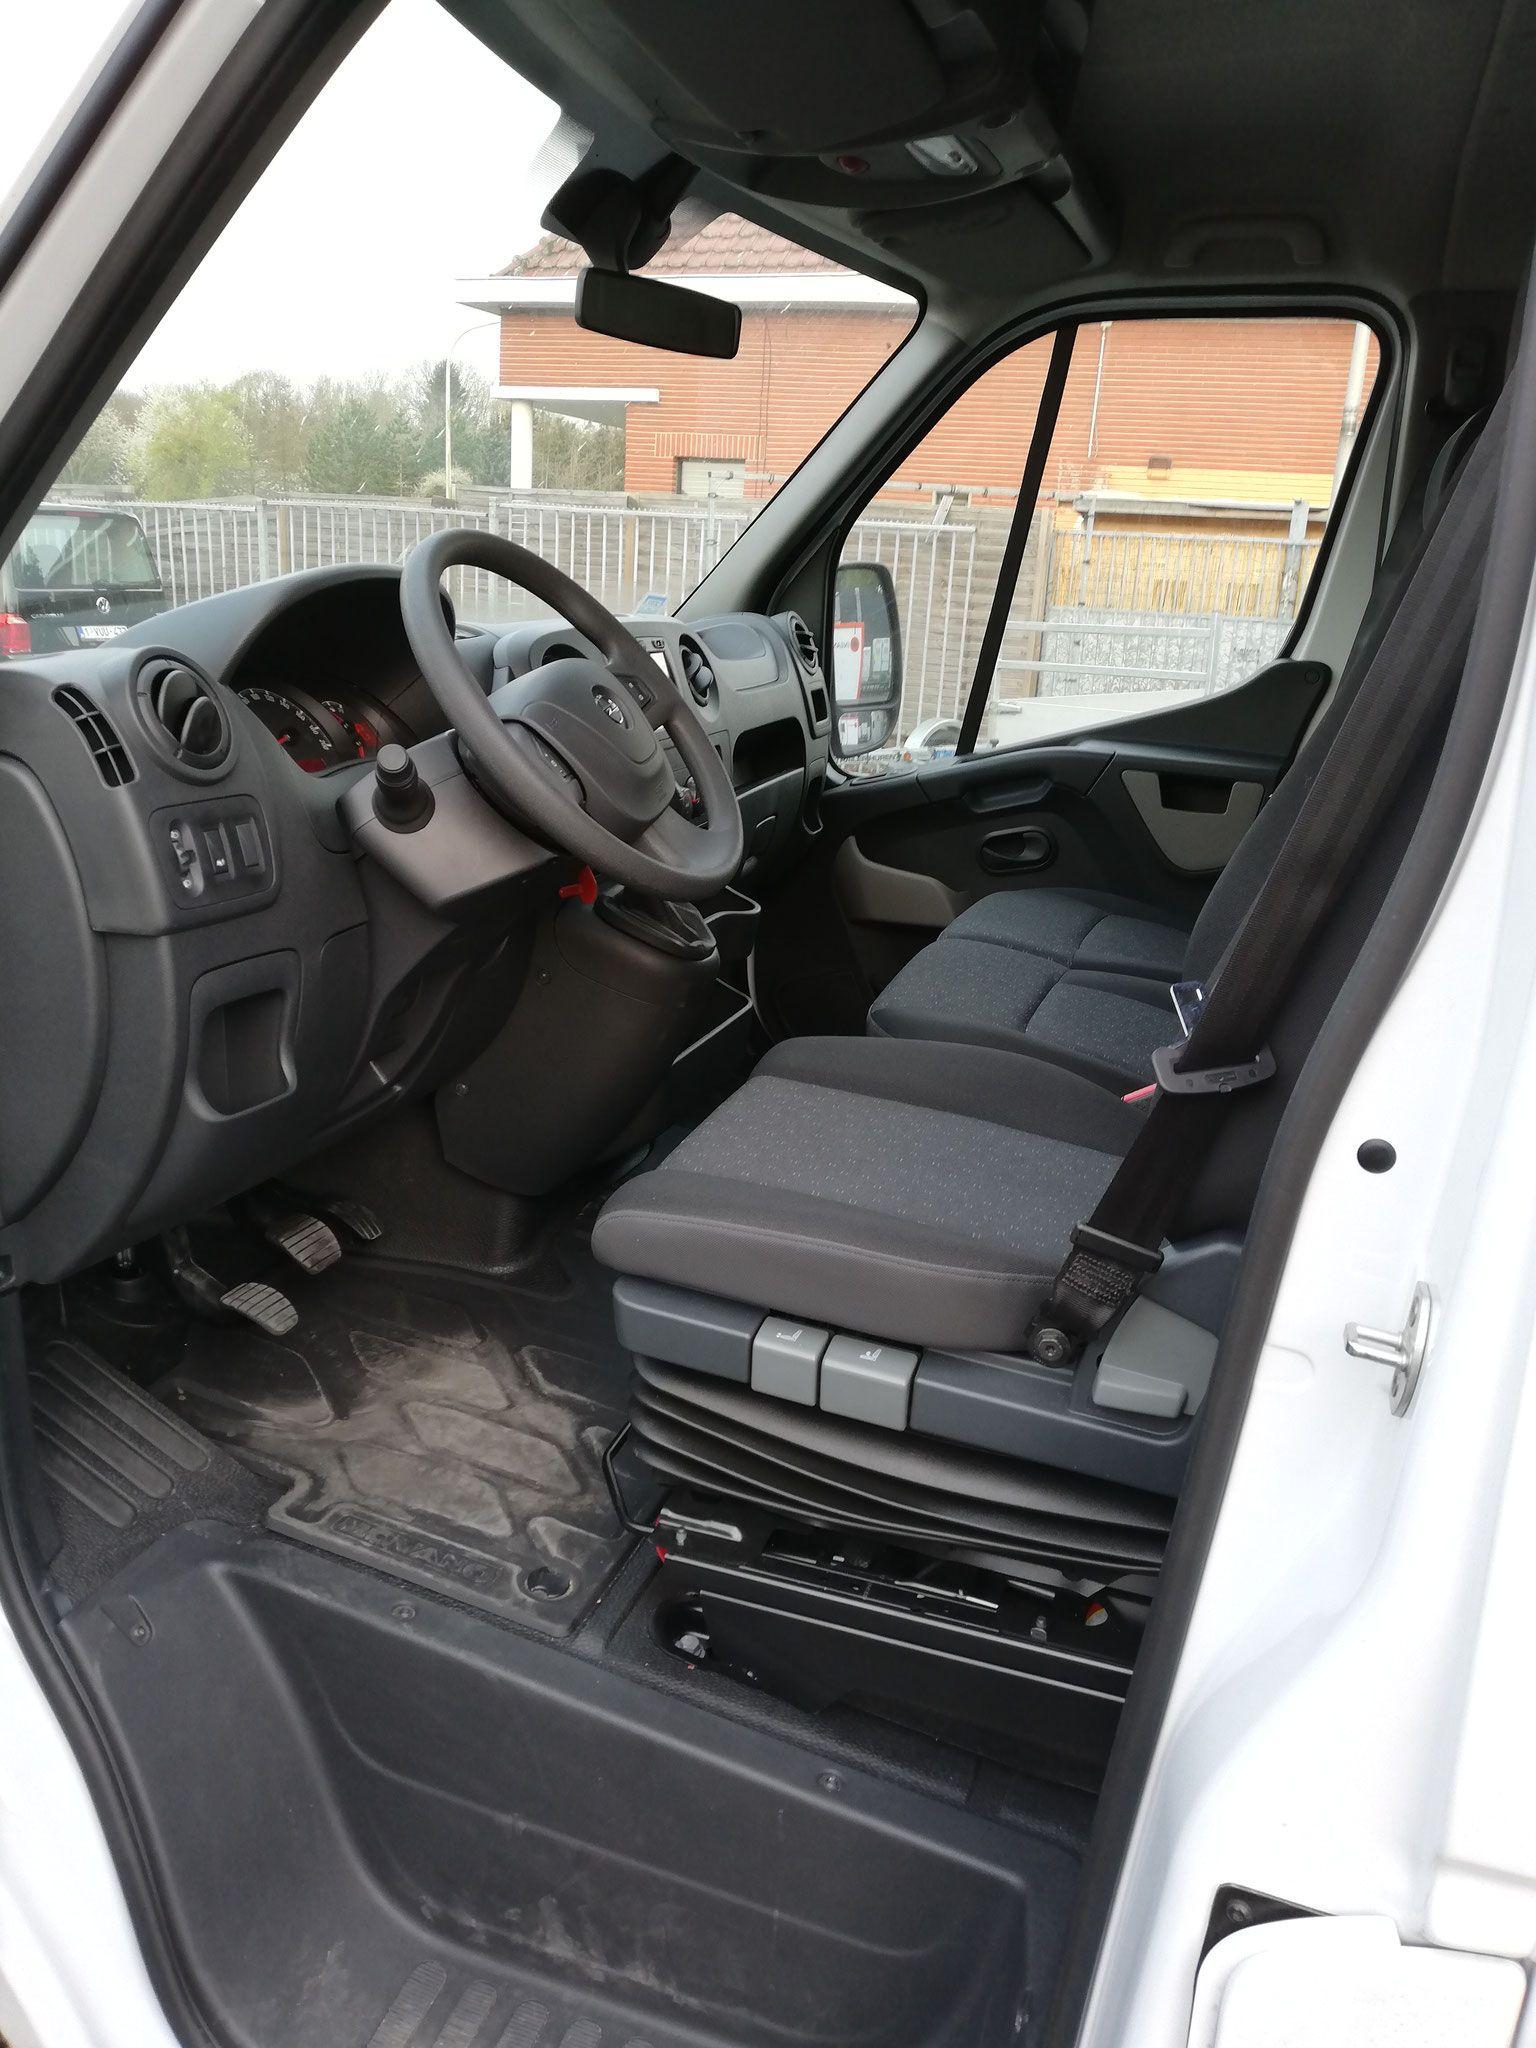 Opel Movano met laadklep - image (9).jpg